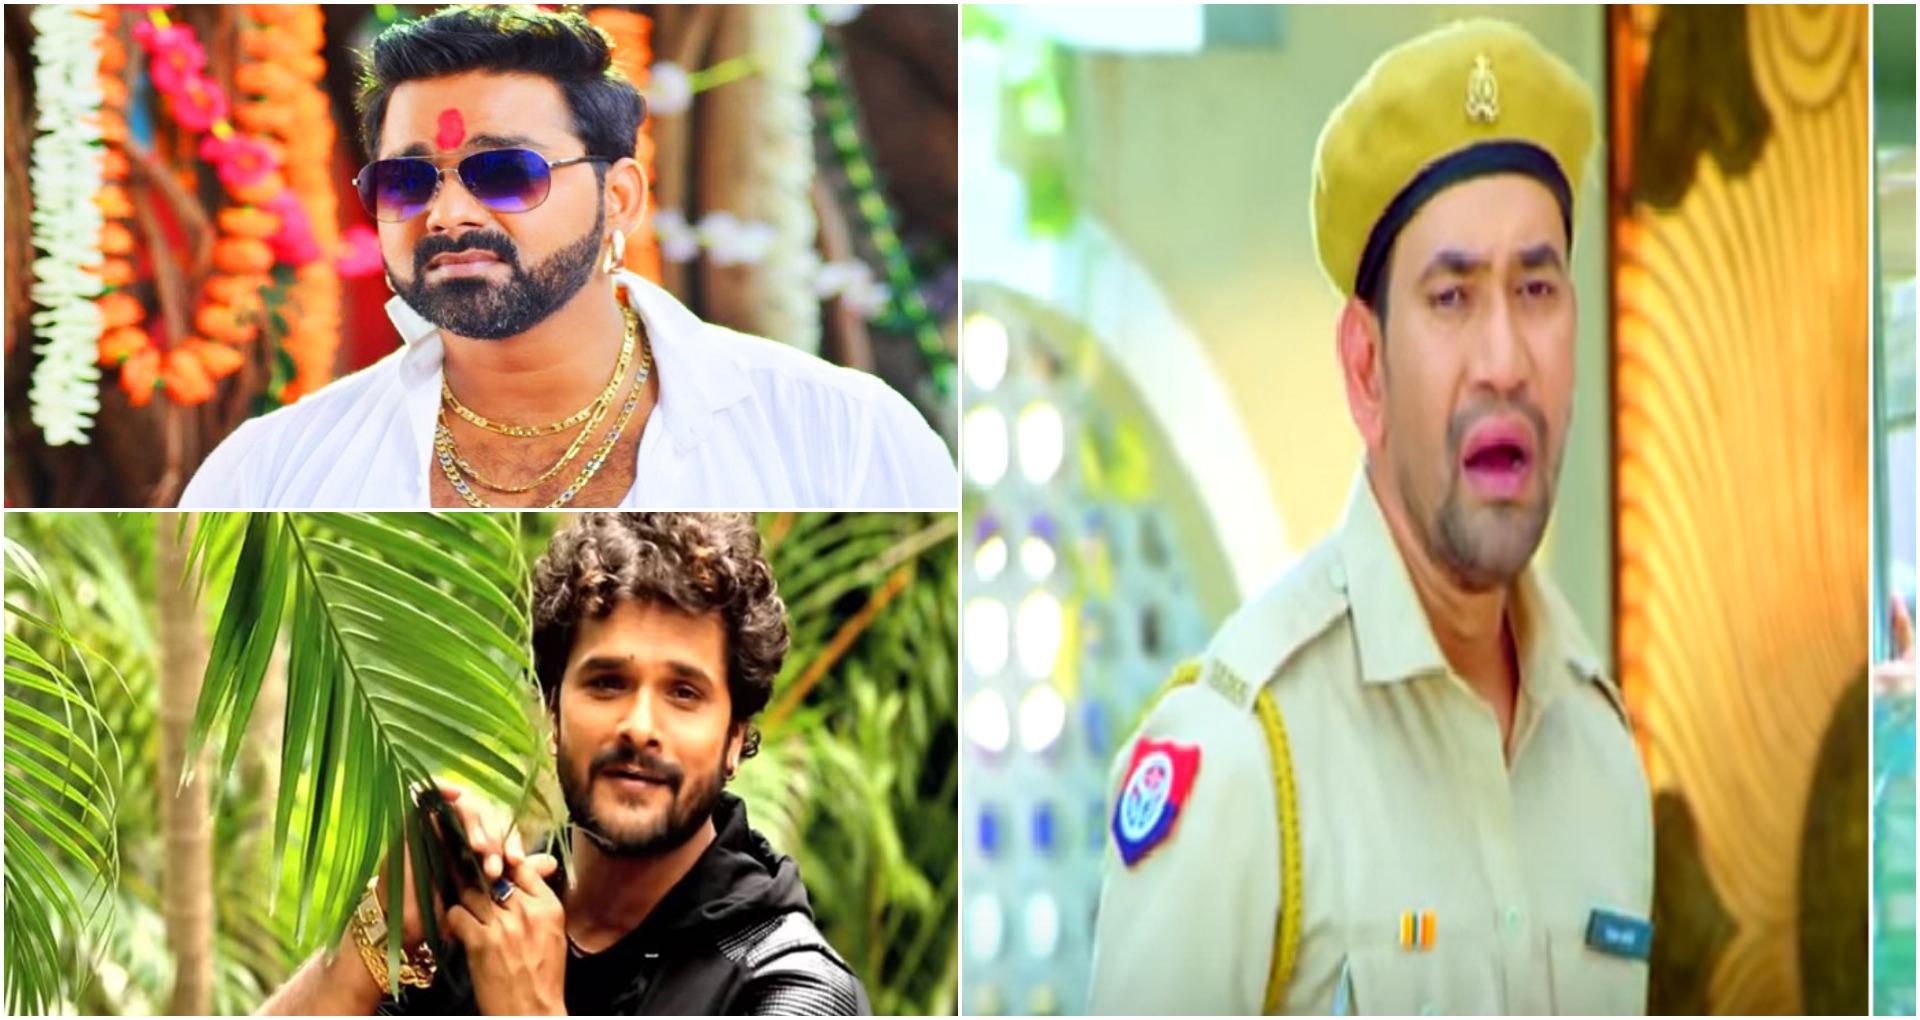 Exclusive: बन रही है भोजपुरी की सबसे बड़ीफिल्म, निरहुआ, खेसारी और पवन सिंह होंगे हीरो, जानिए पूरी डिटेल